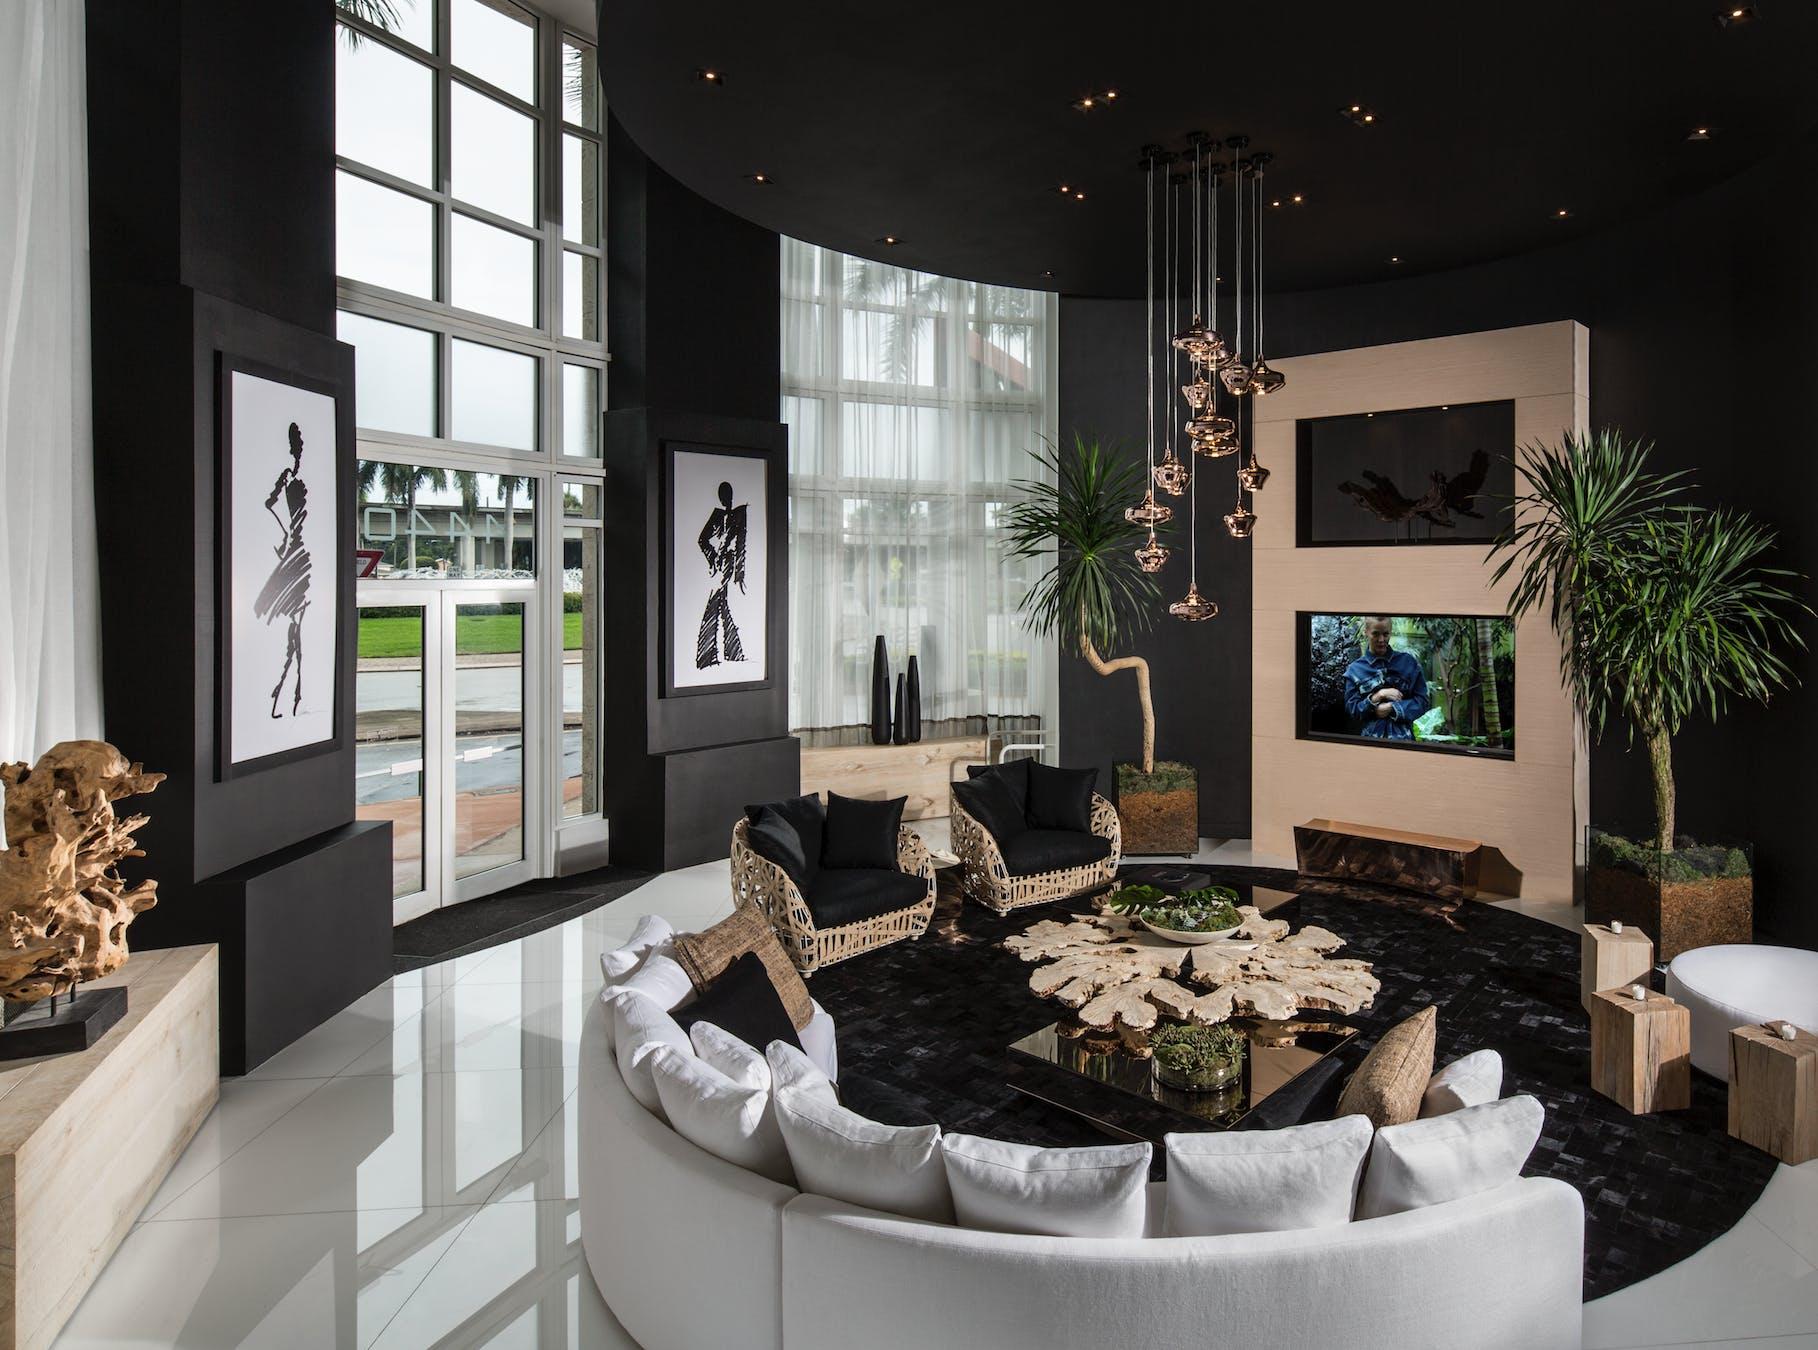 Artefacto design house